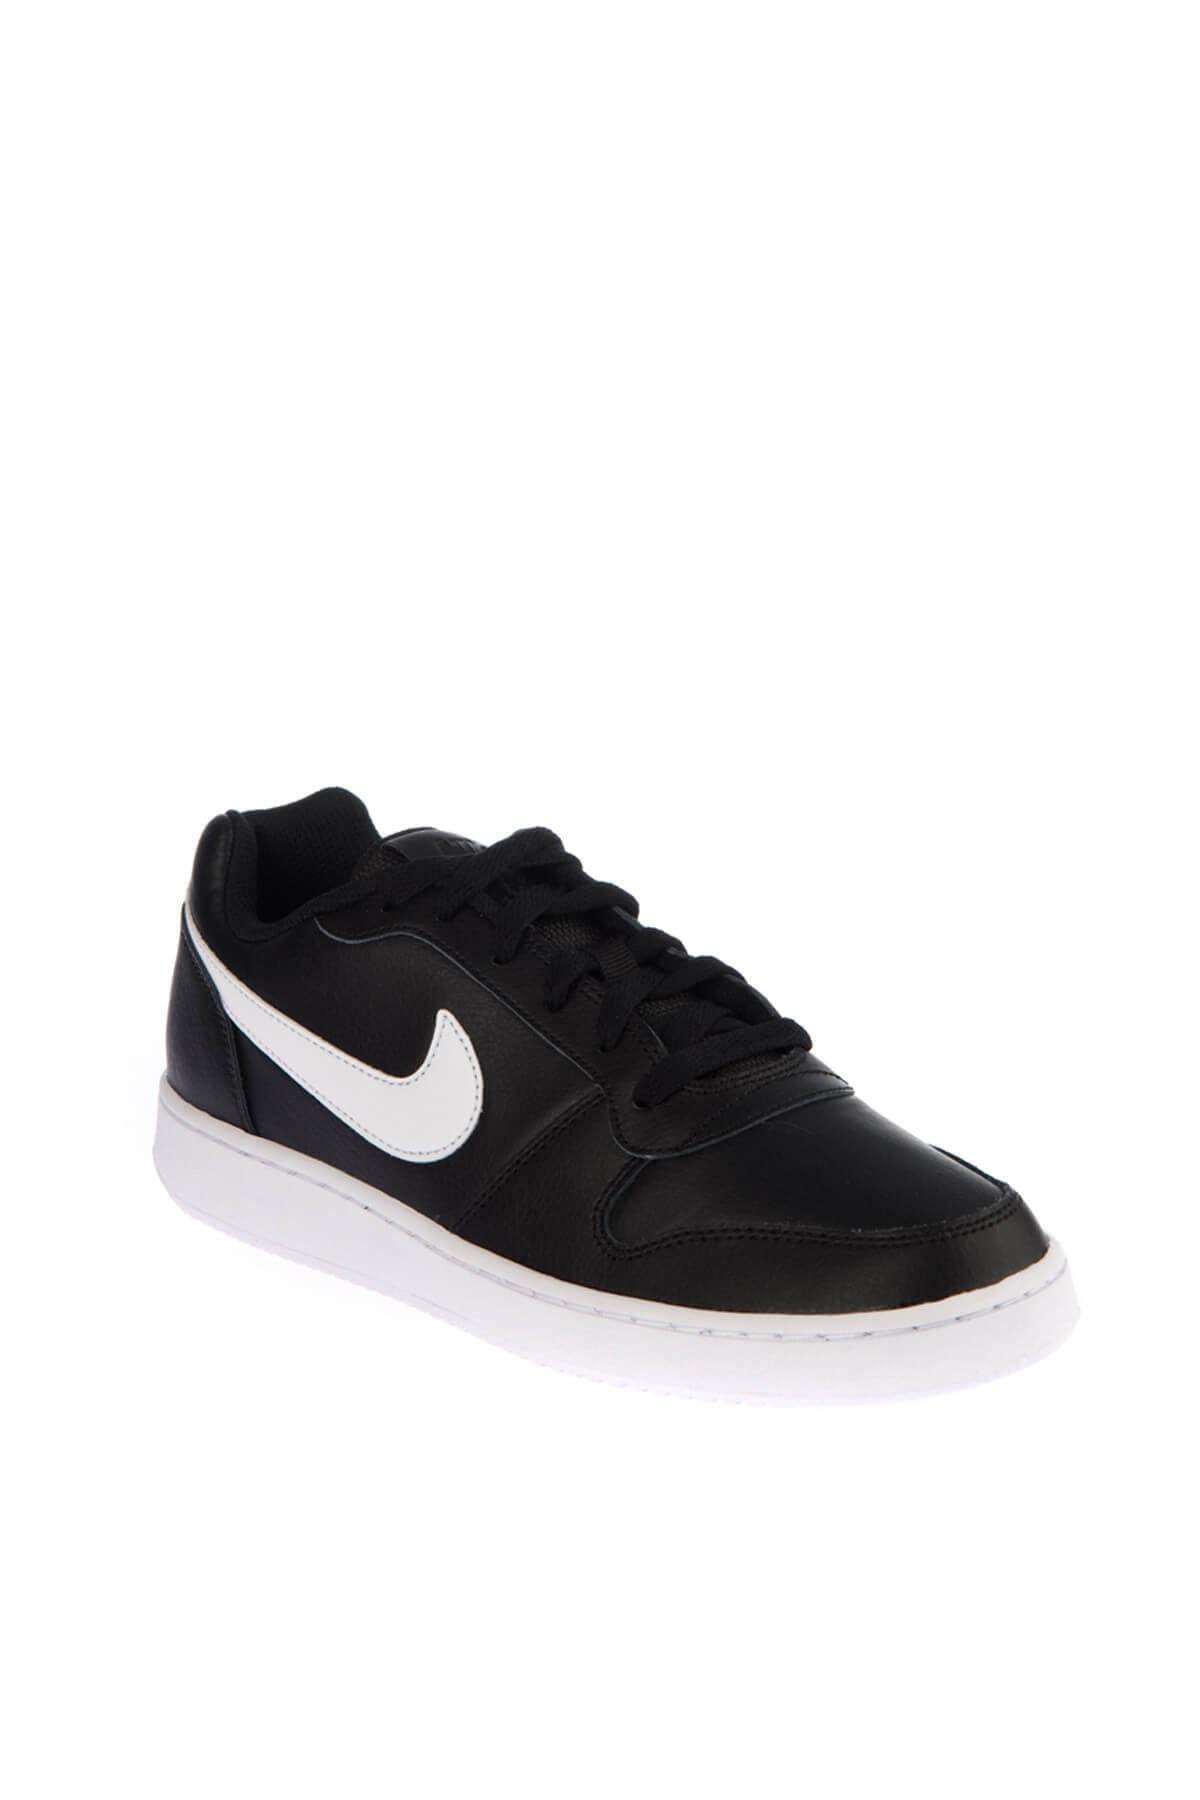 Nike Erkek Spor Ayakkabı - Ebernon Low - AQ1775-002 2